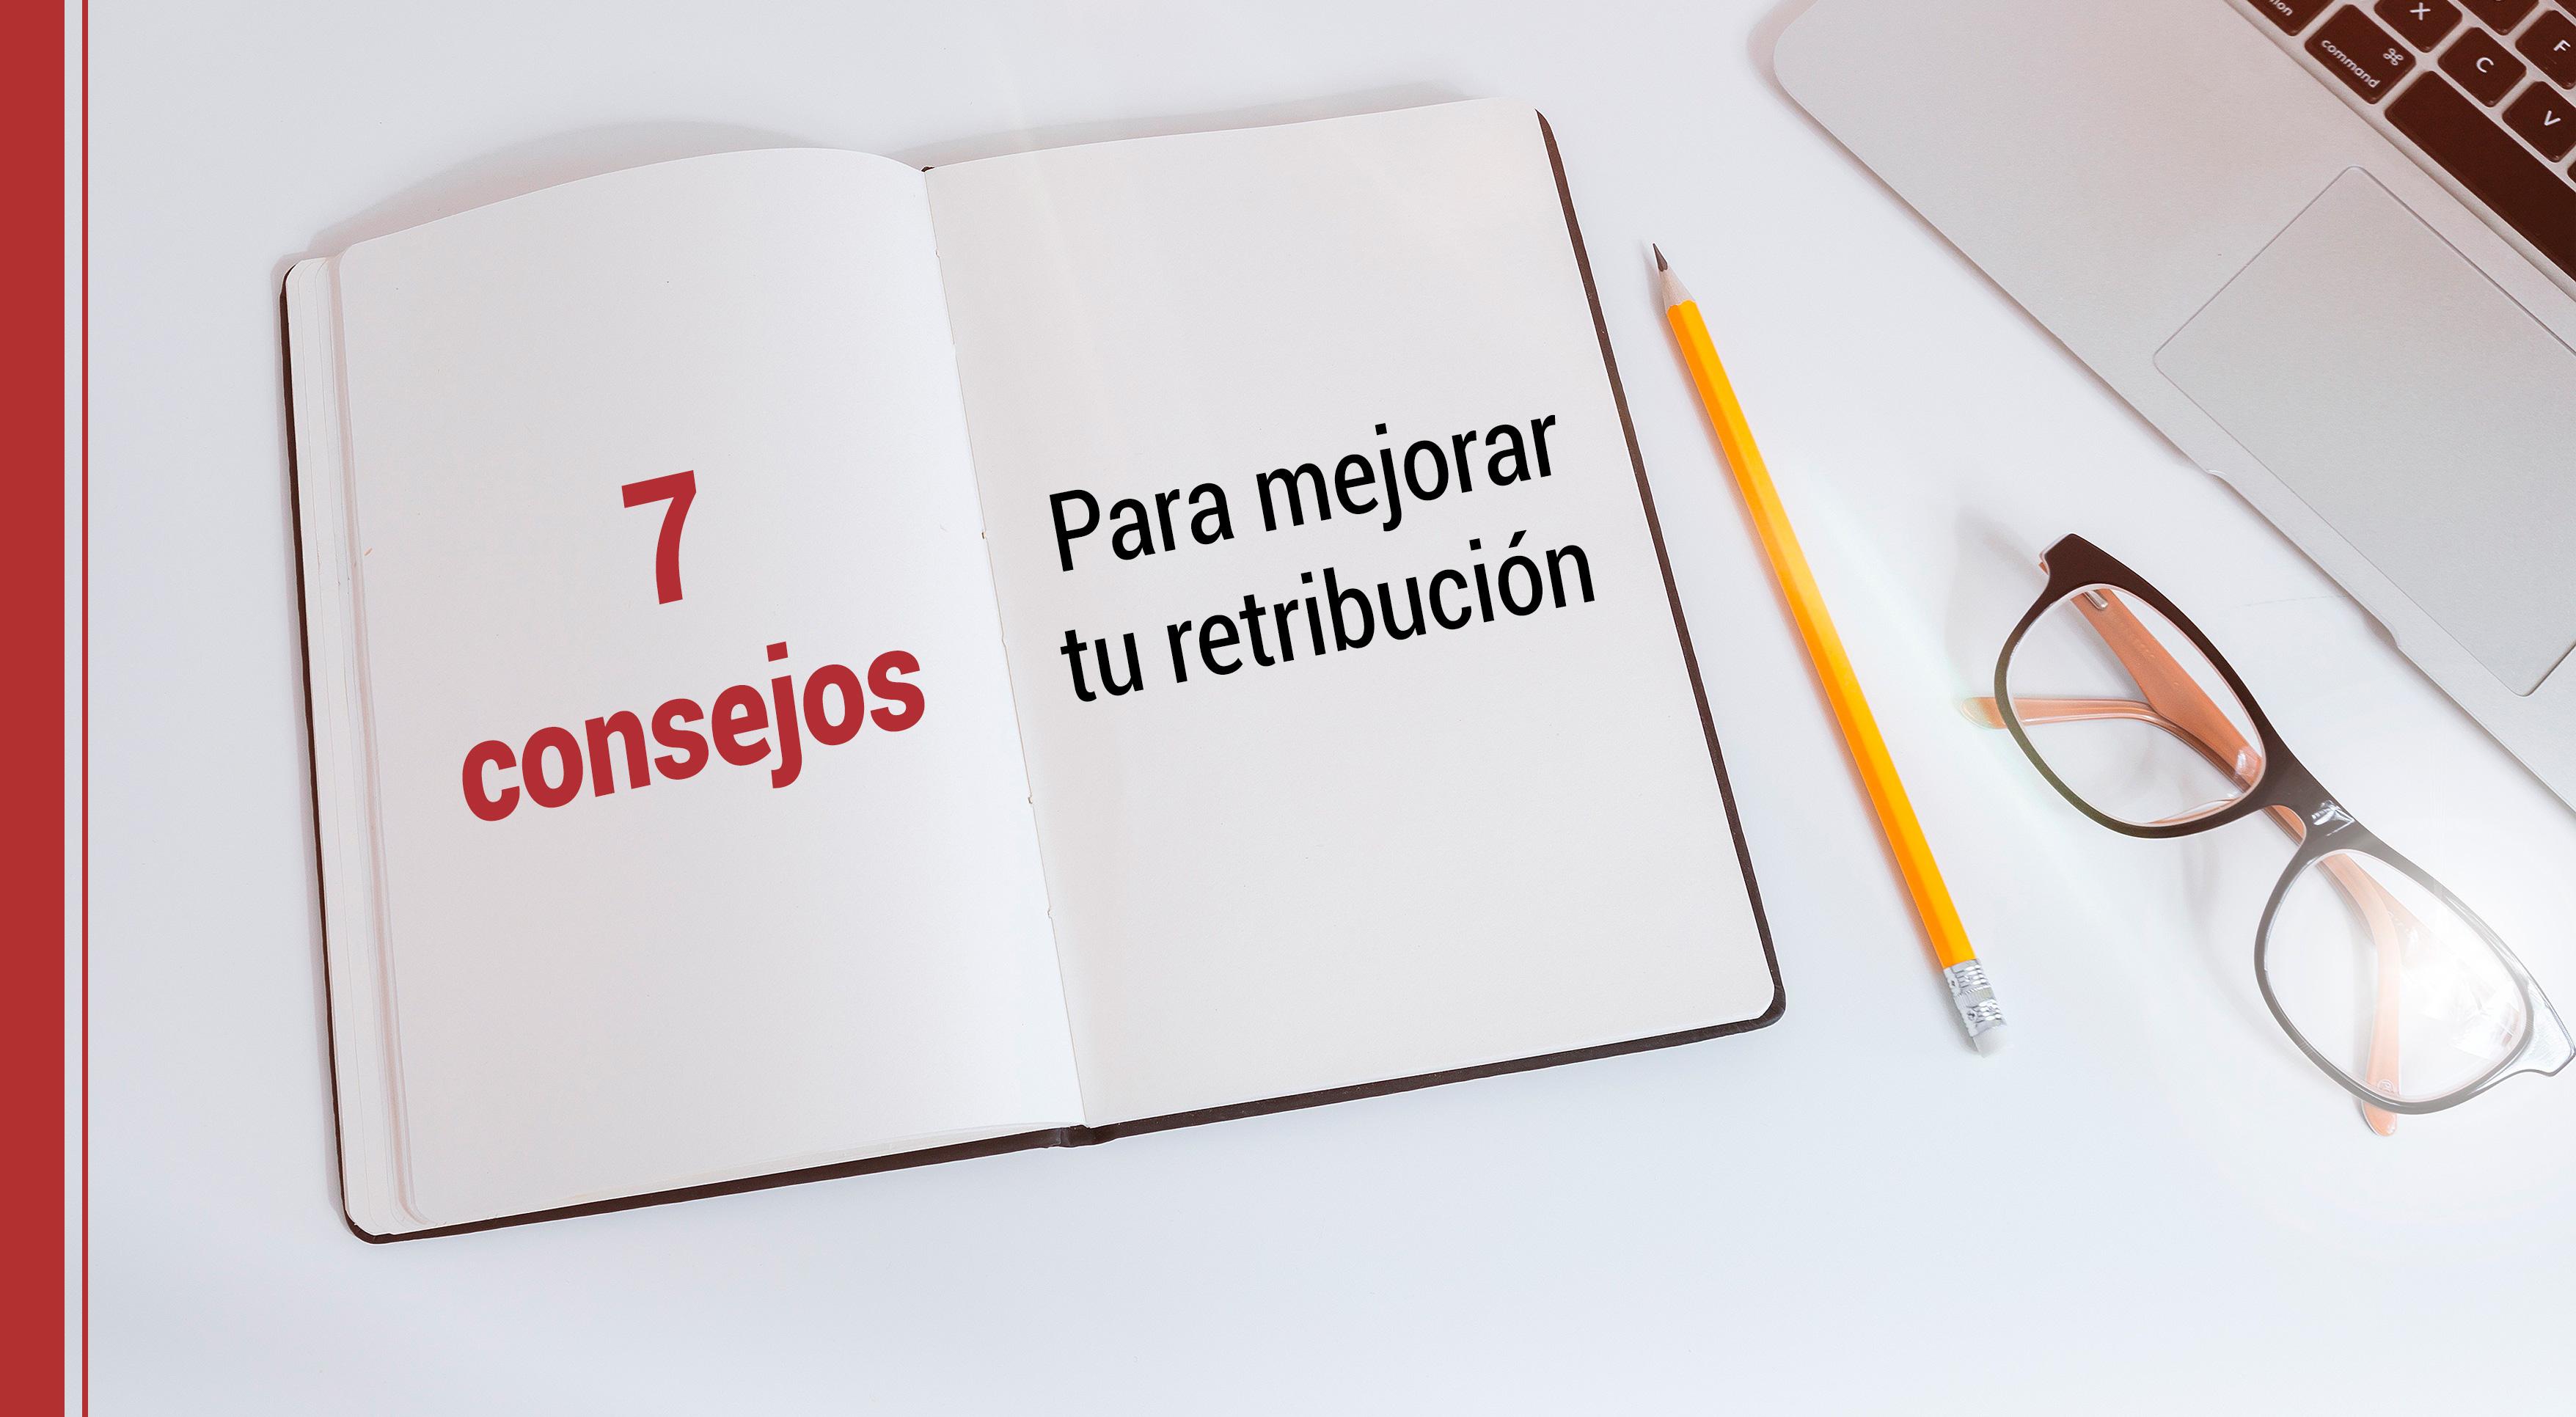 7-consejos-mejorar-tu-retribucion Cómo mejorar tu retribución en 7 pasos